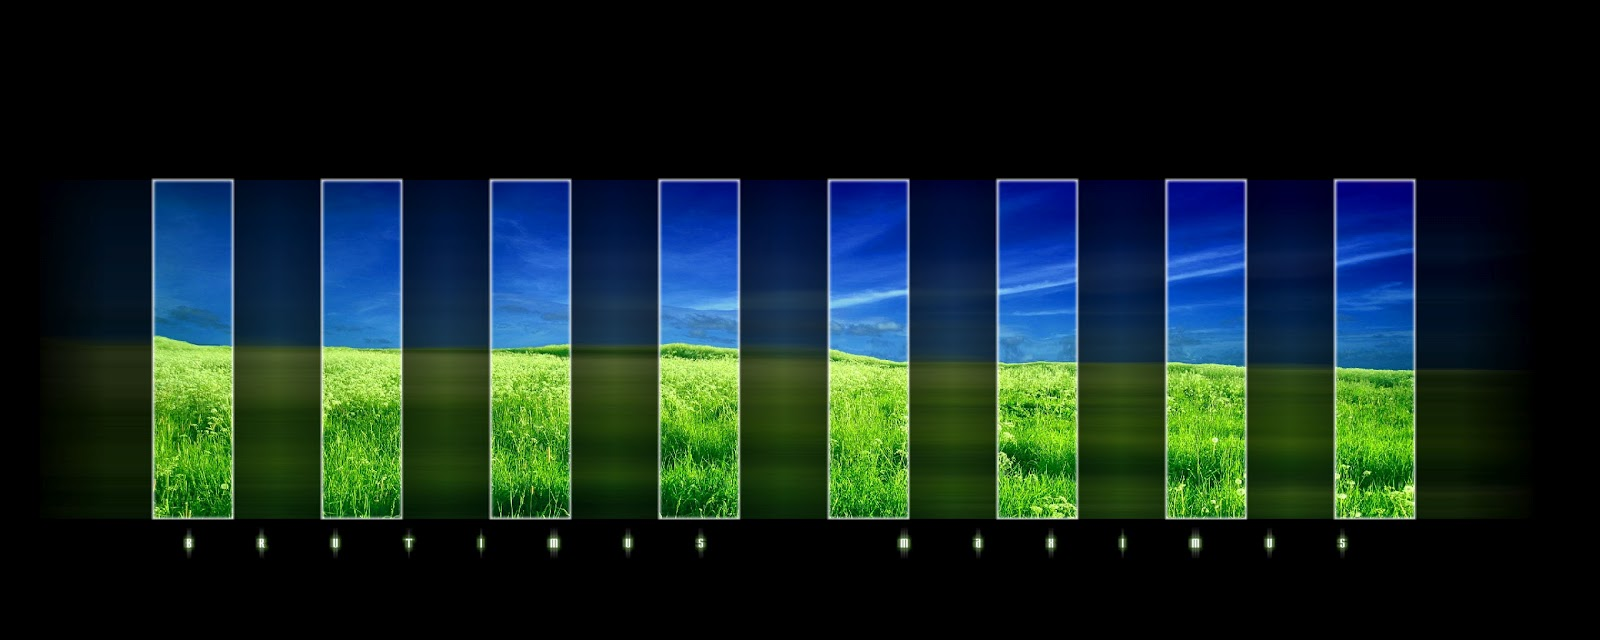 windows dual screen wallpaper - wallpapersafari